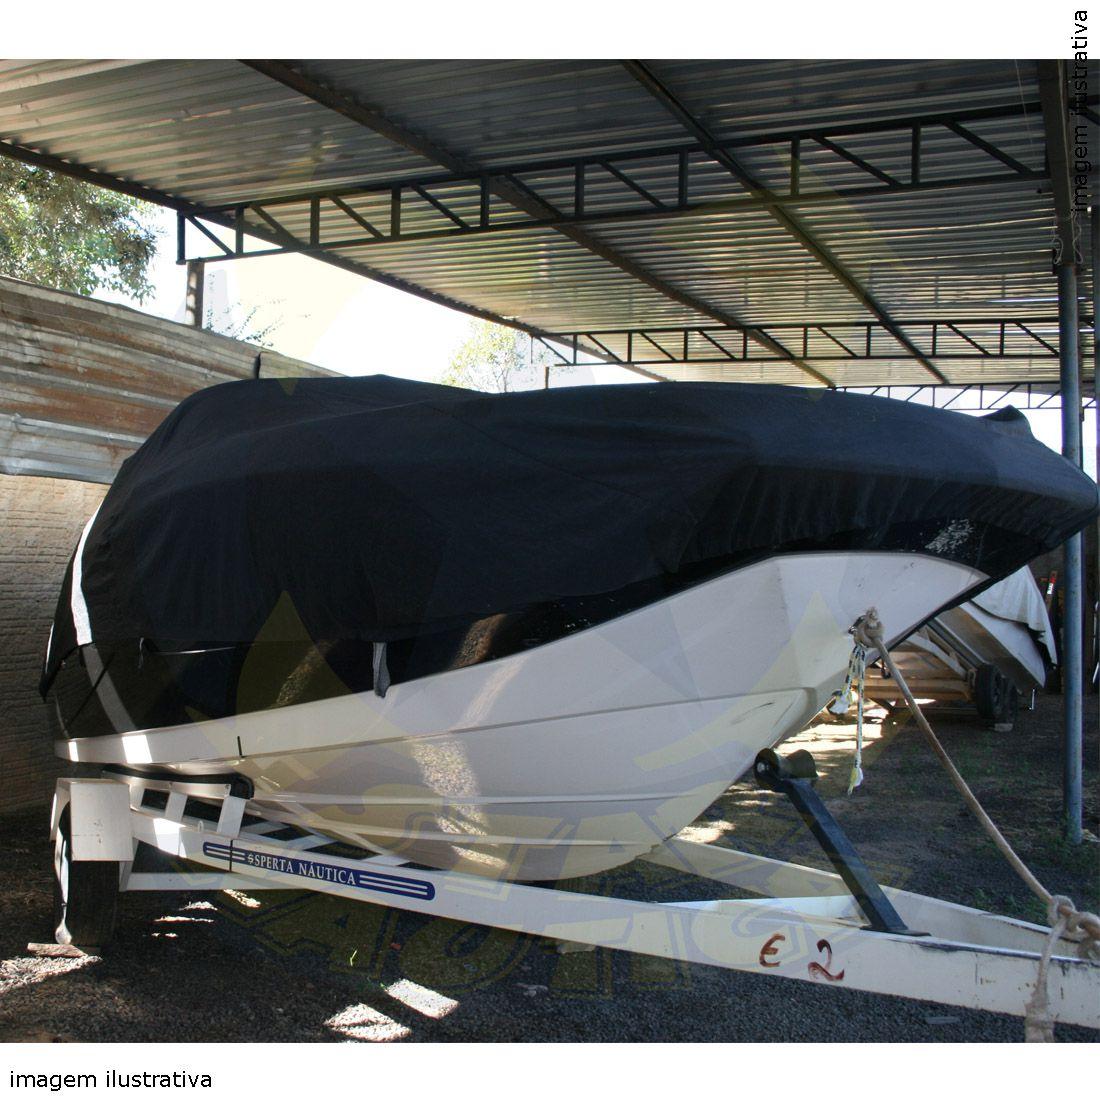 Capa Lona de Cobertura Lancha FS 215 Lona Poliéster